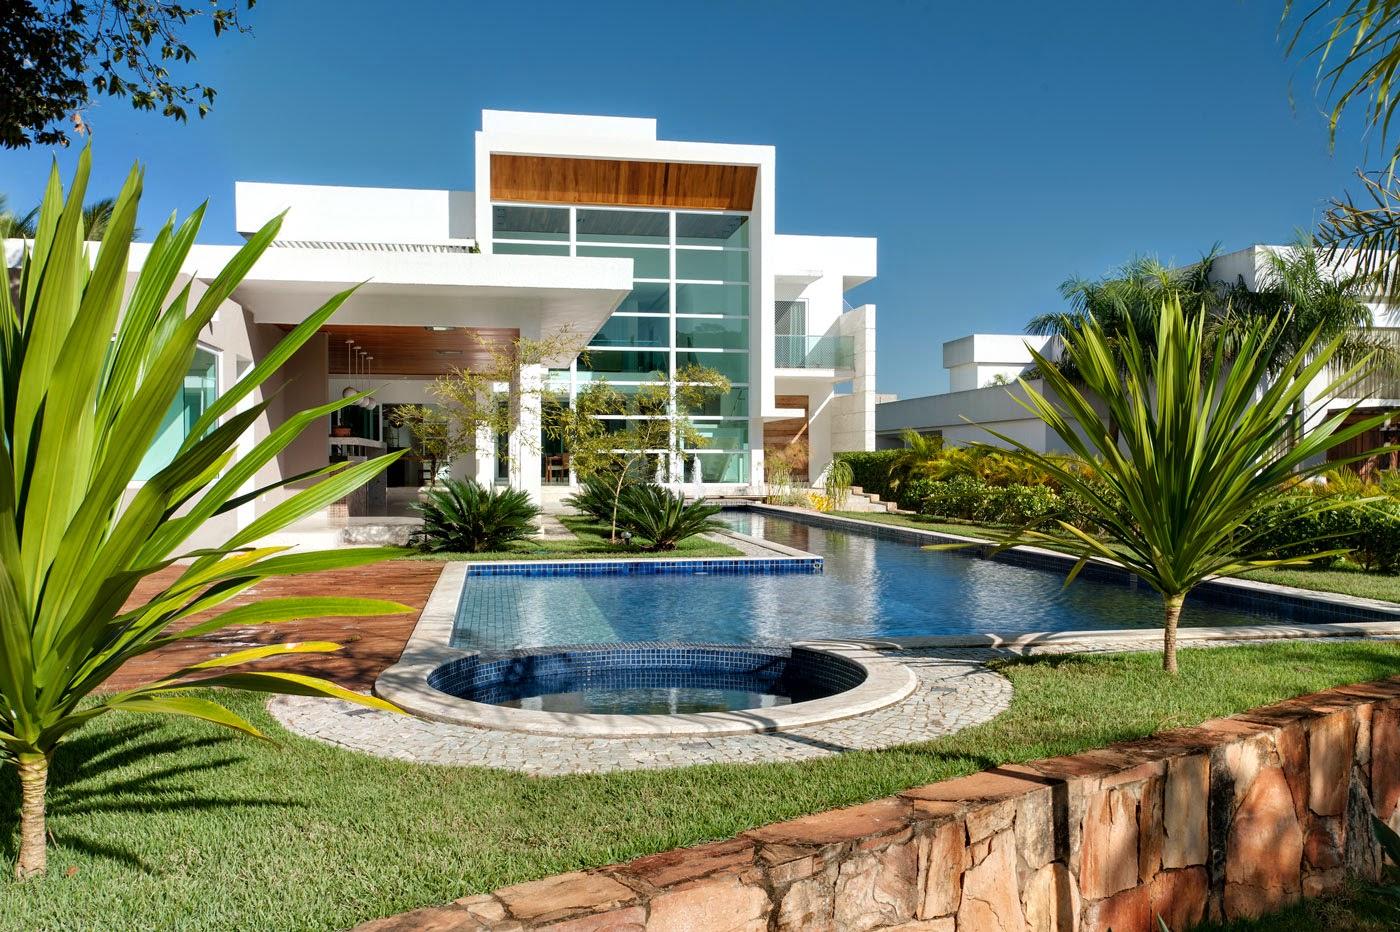 Brazilian Houses Designdaily